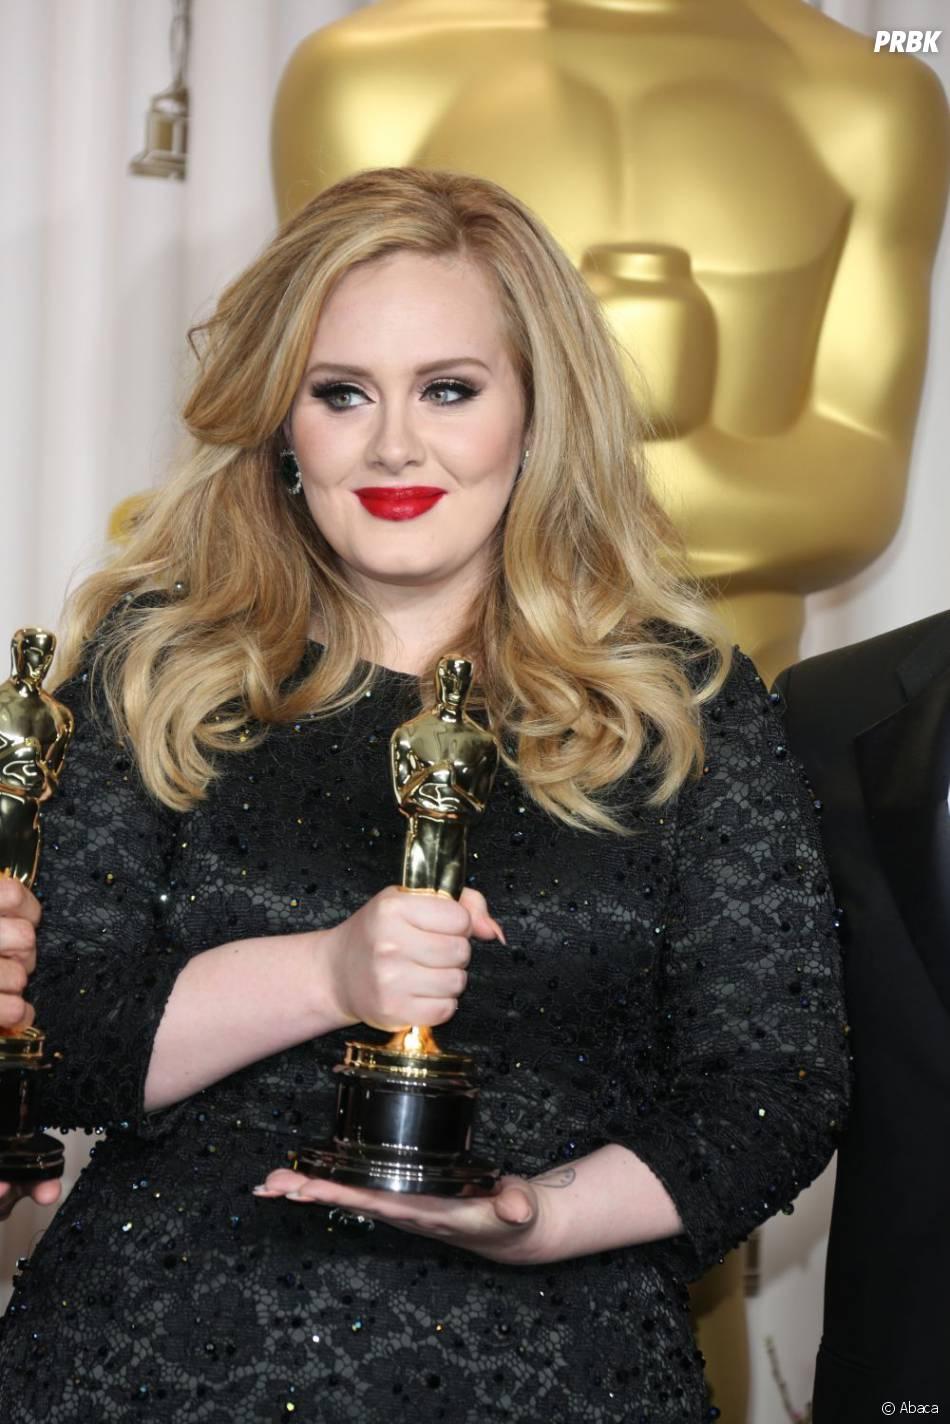 La statue de cire d'Adele ressemblera-t-elle à la chanteuse ?